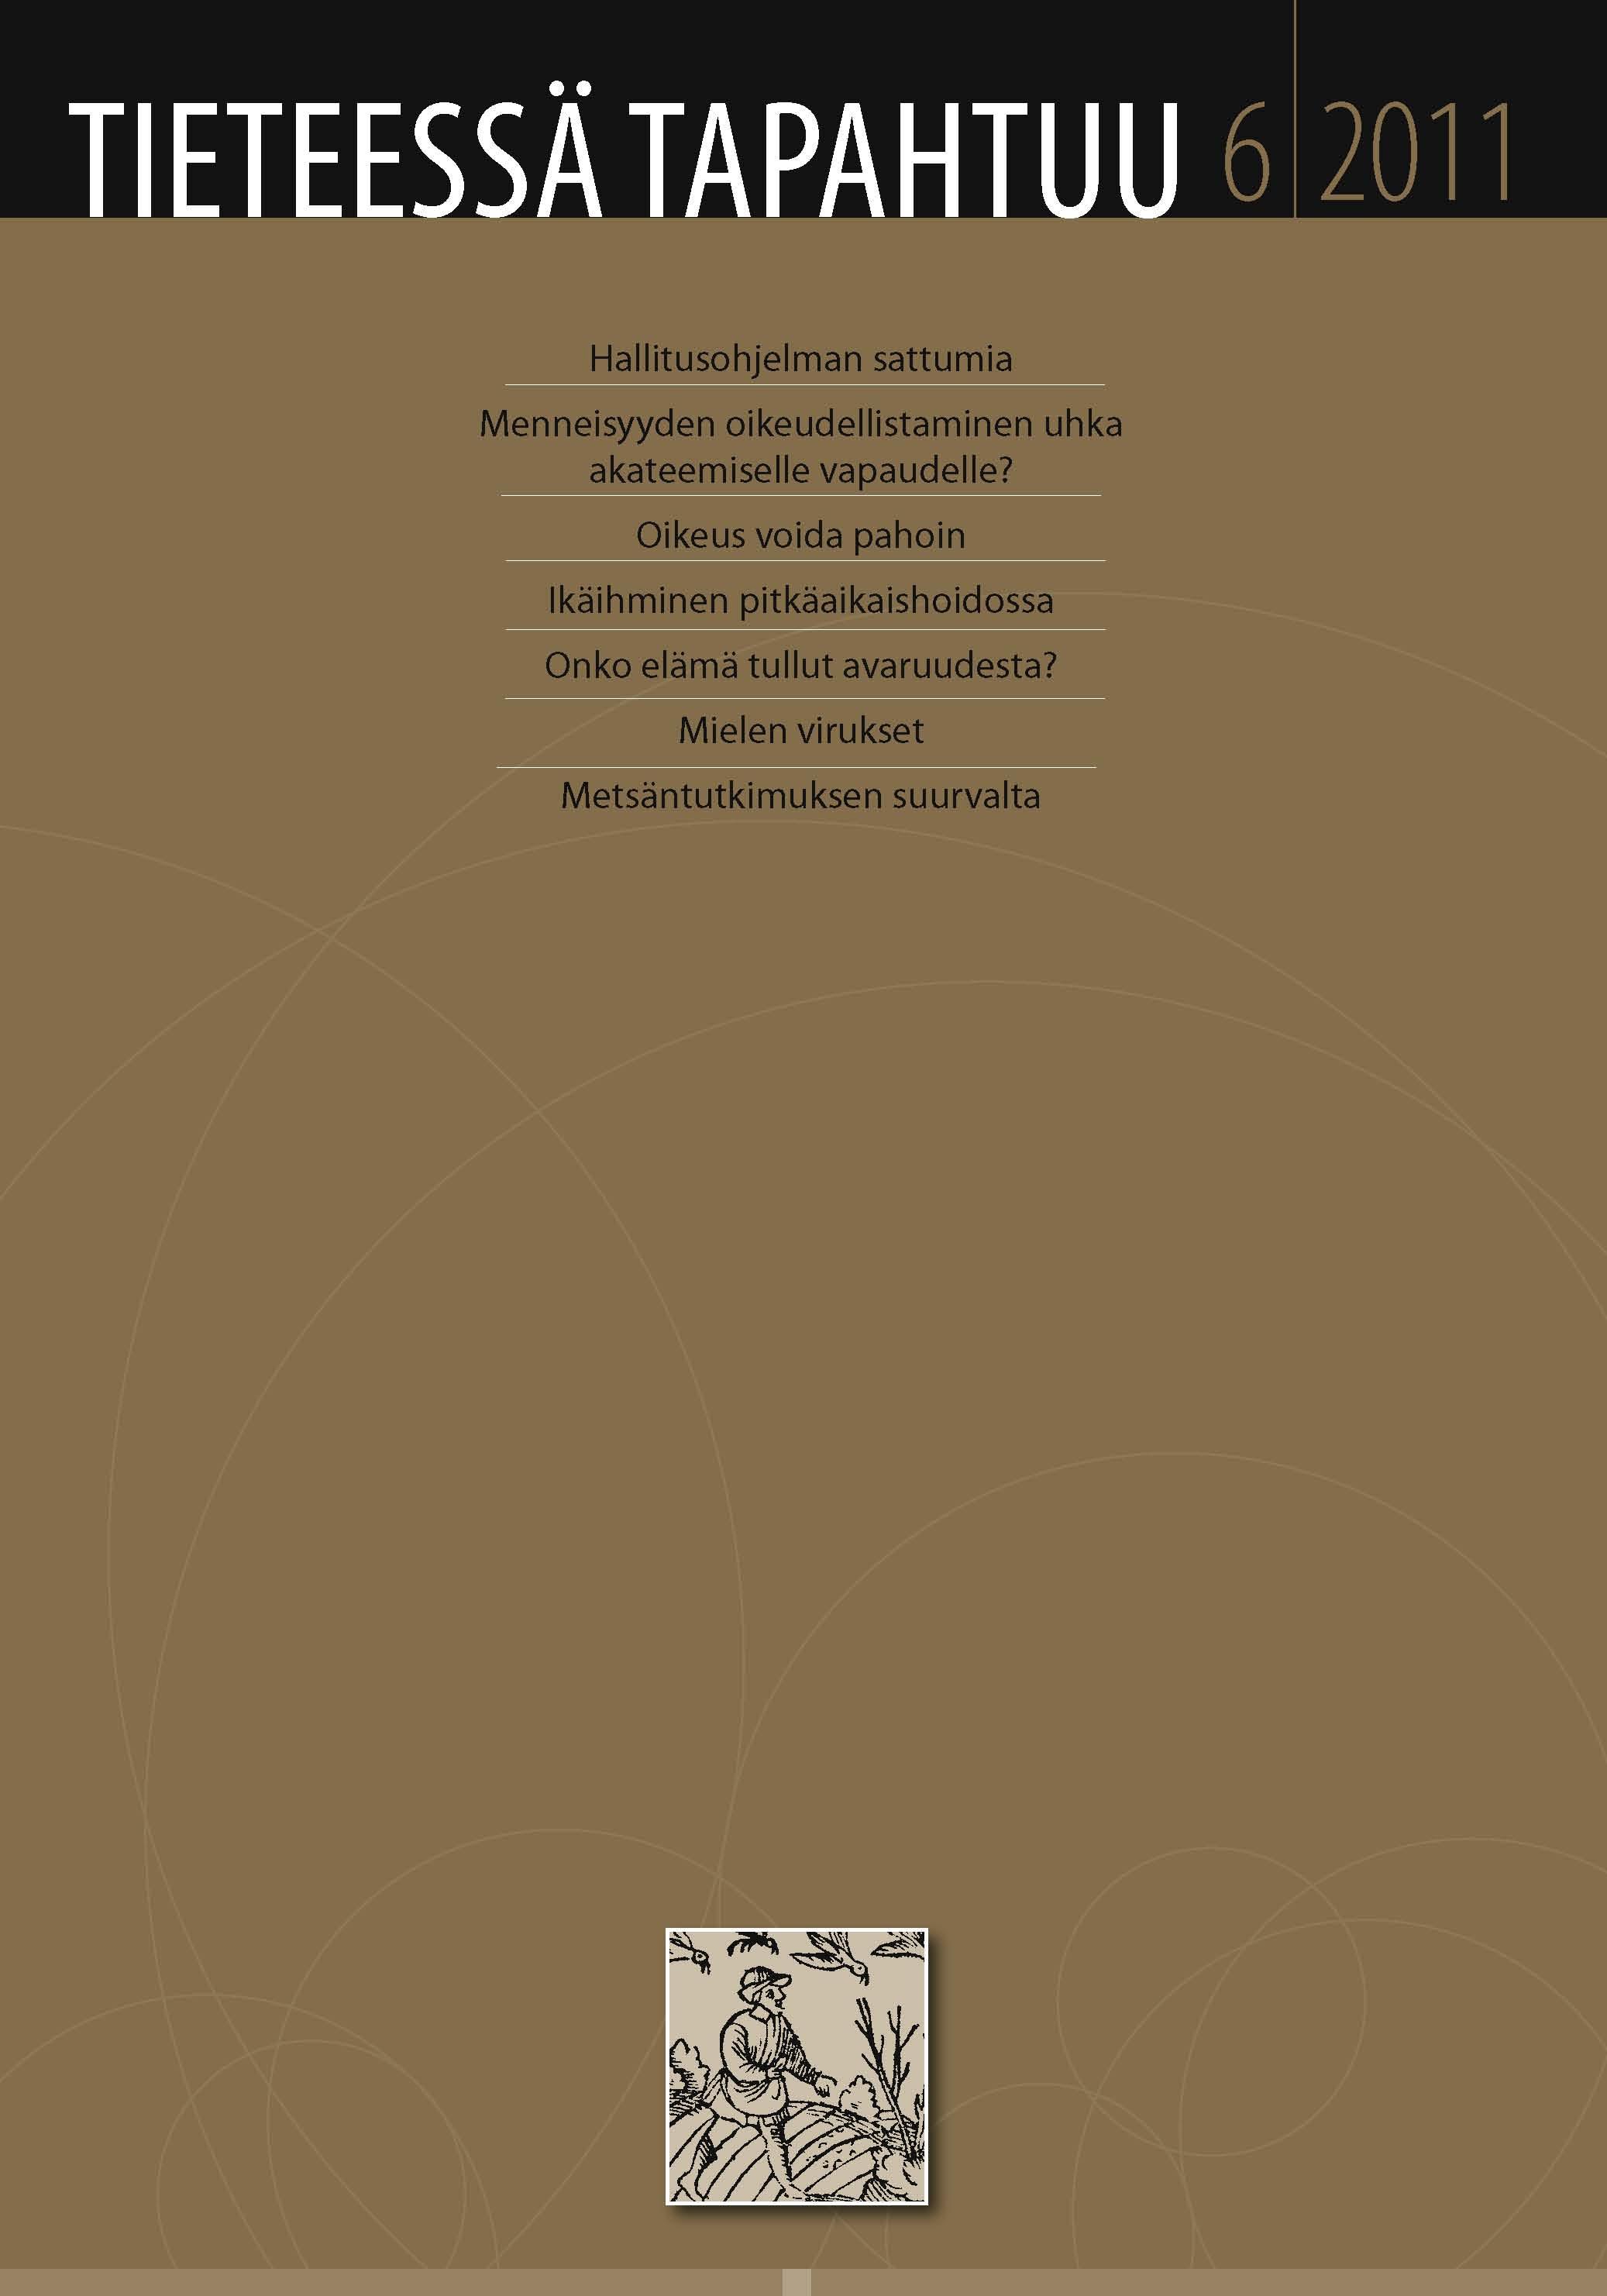 Vol 29 Nro 6 (2011)